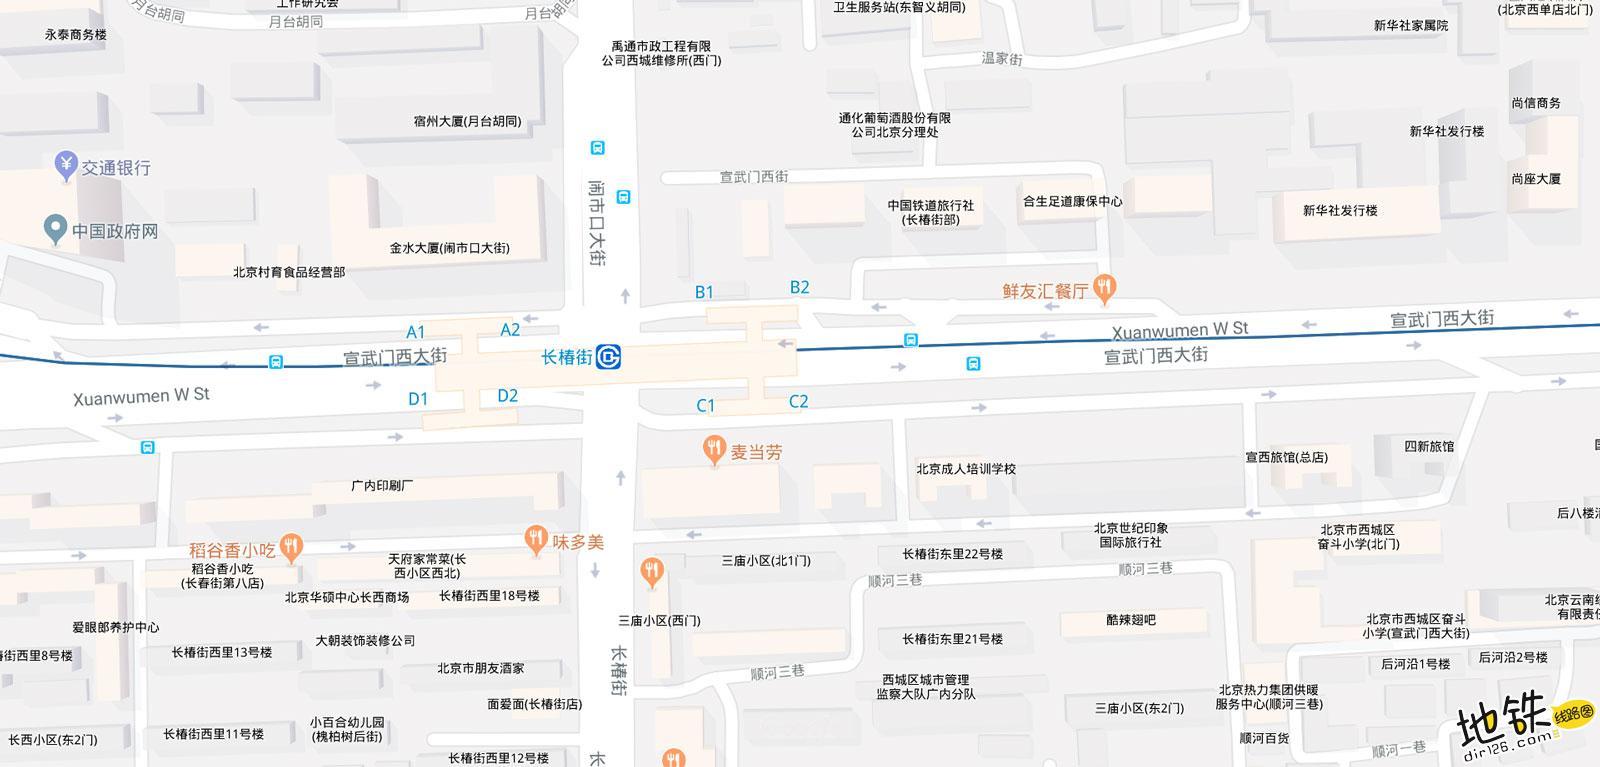 长椿街地铁站 北京地铁长椿街站出入口 地图信息查询  北京地铁站  第2张